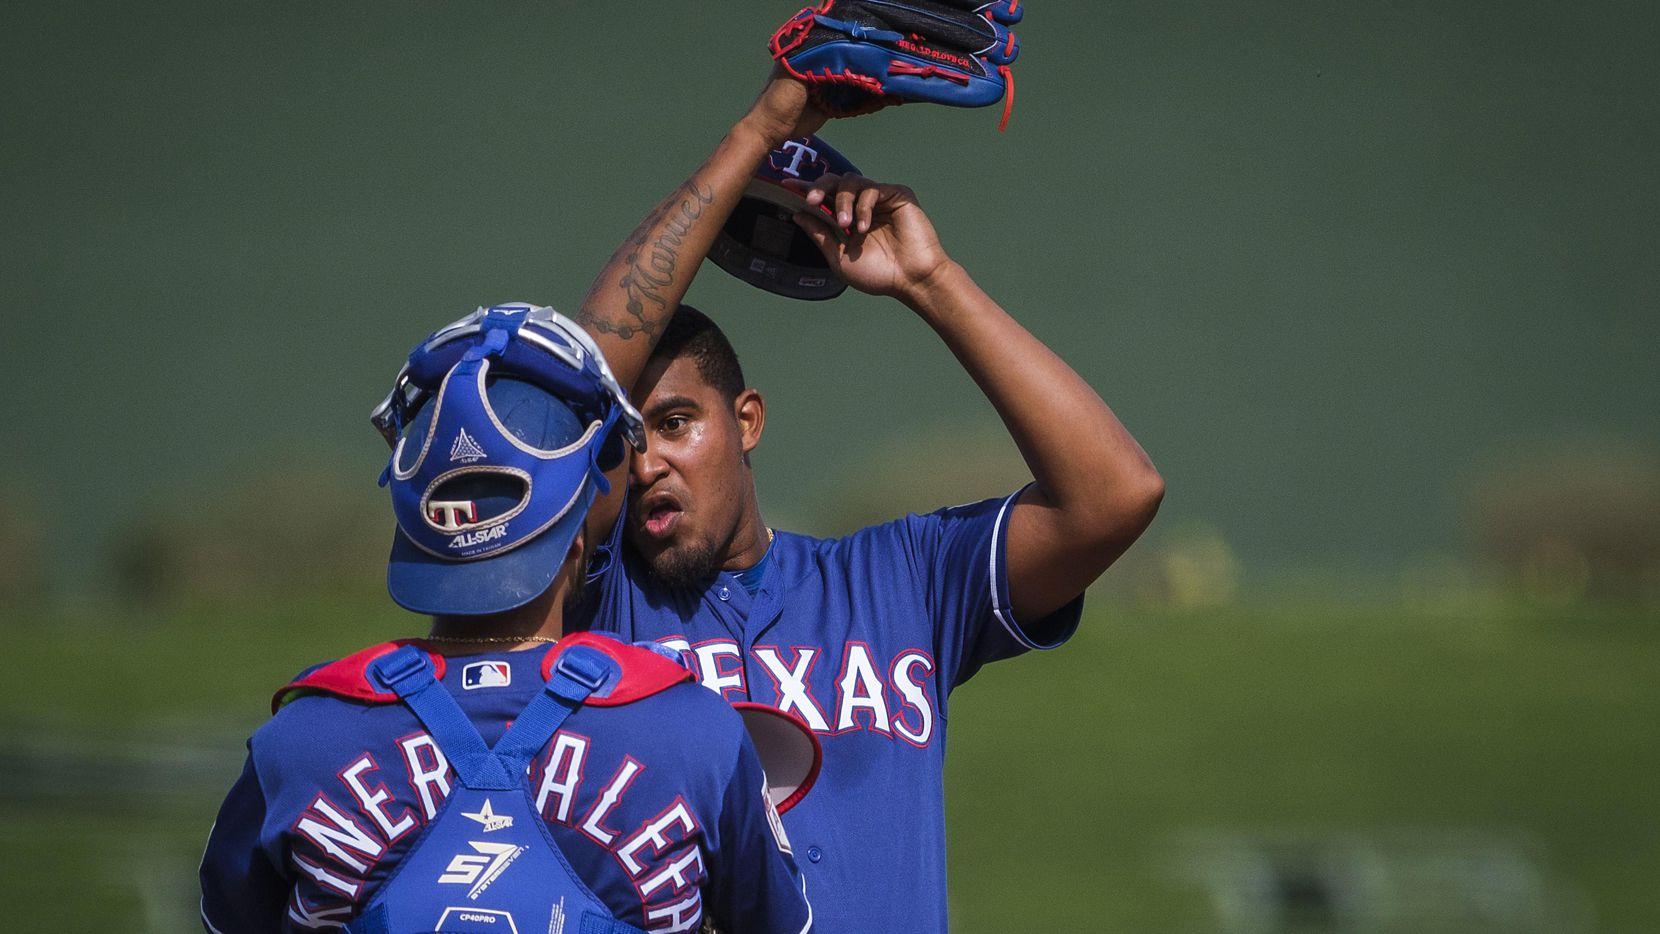 Yohander Méndez ha sido parte del cuerpo de lanzadores de los Rangers de Texas durante la pretemporada. (DMN/SMILEY N. POOL)